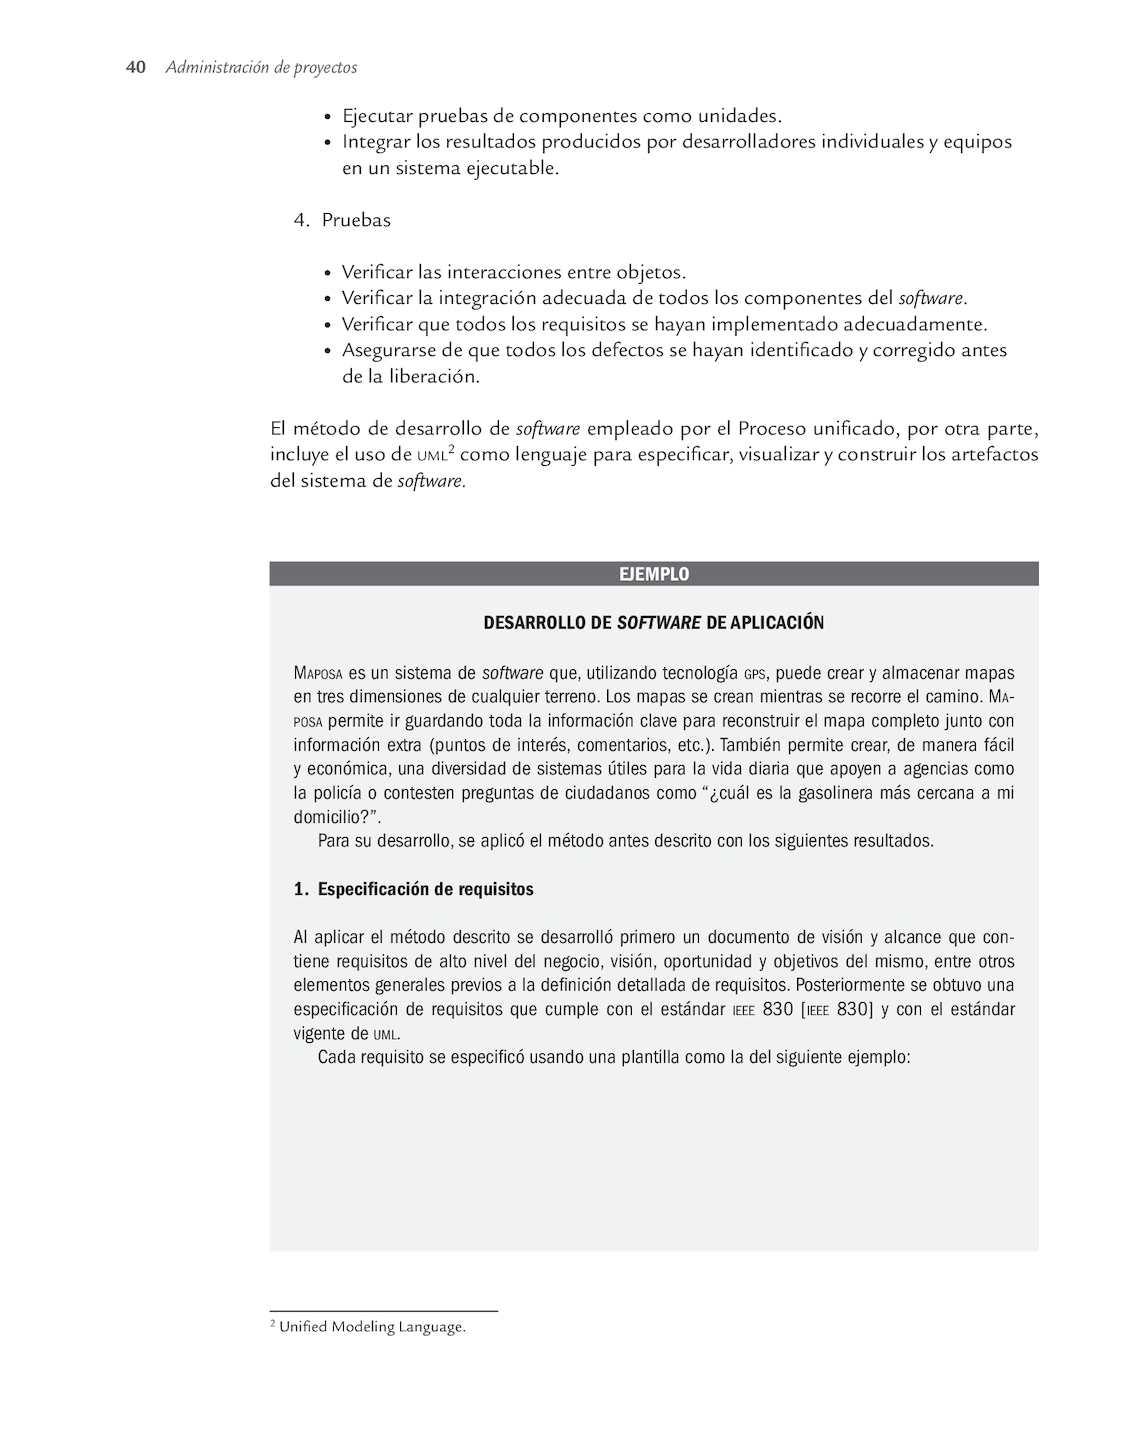 Famoso Plantilla De Requisitos Ieee Adorno - Ejemplo De Colección De ...